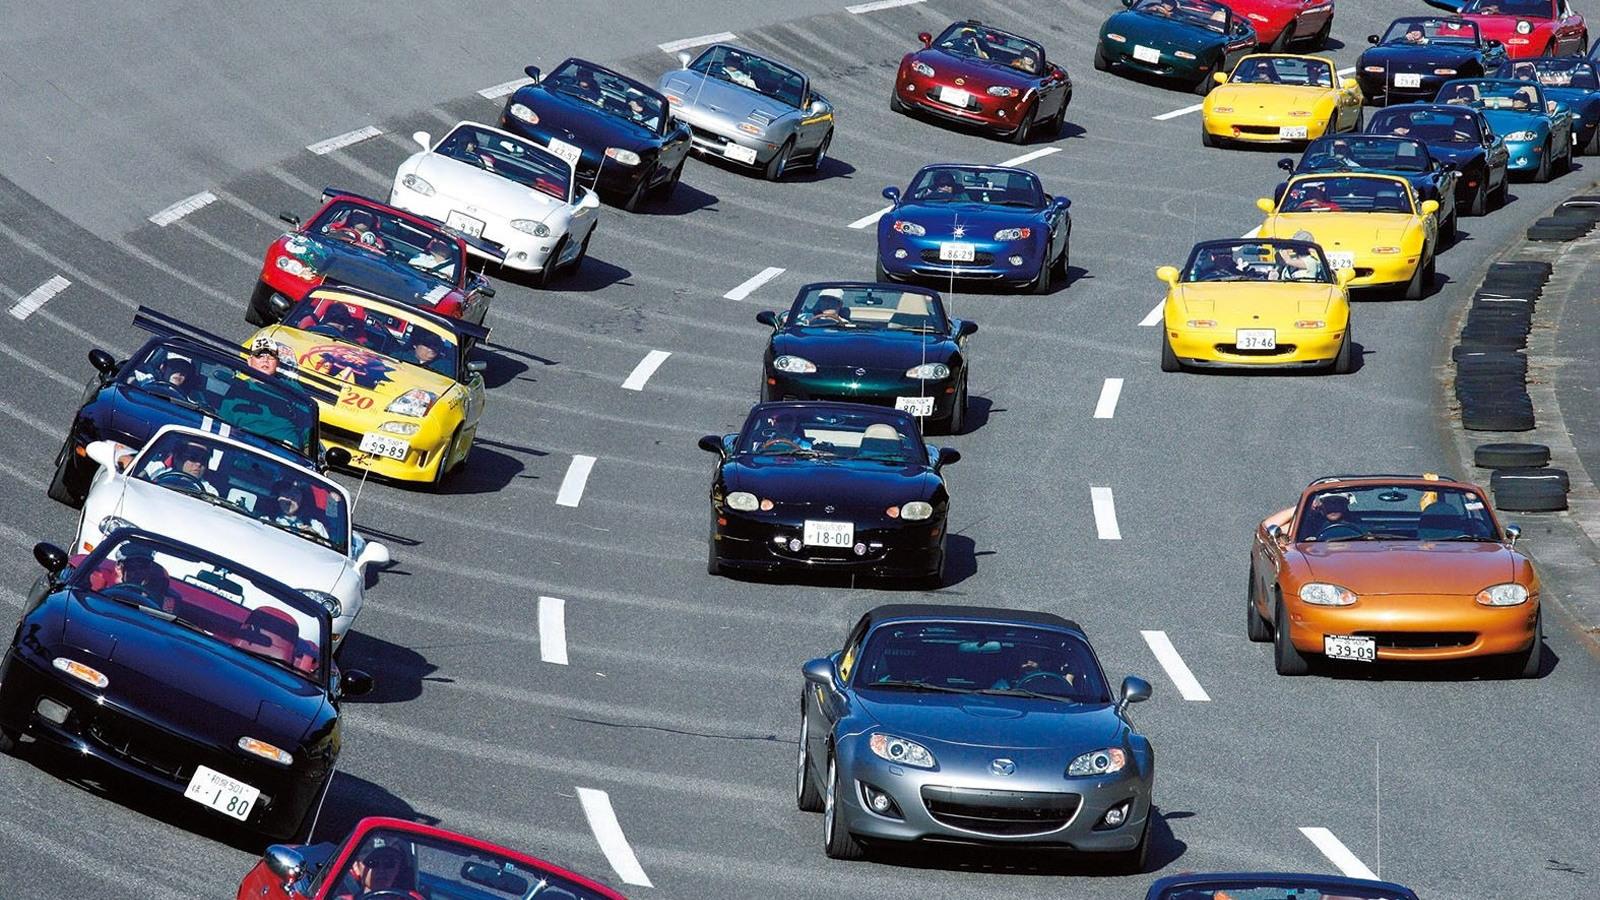 Previous record of 459 Mazda MX-5 Miatas set in 2010